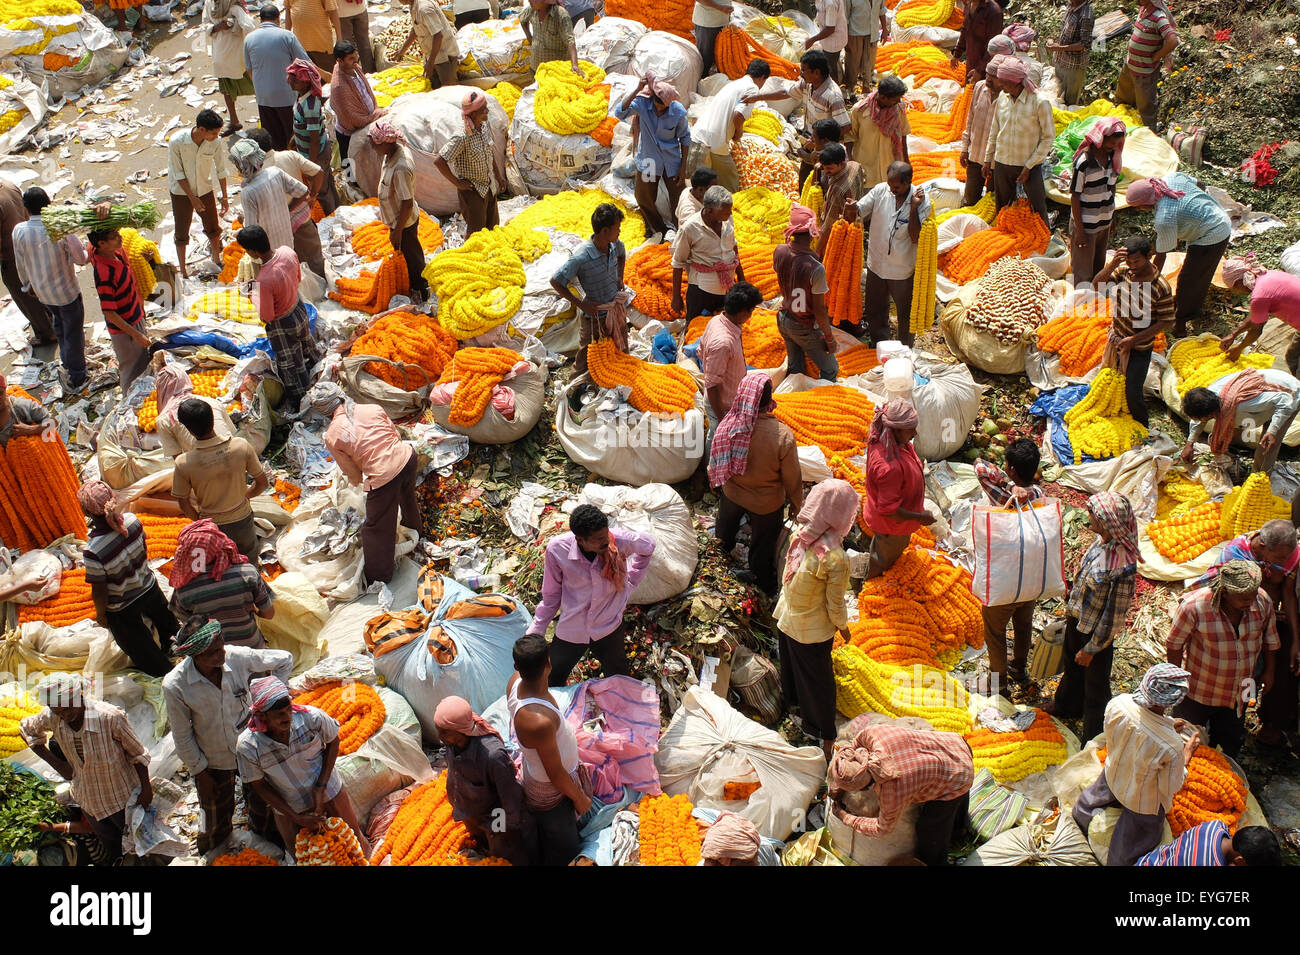 Flower Market, Mullick Ghat, Kolkata. - Stock Image